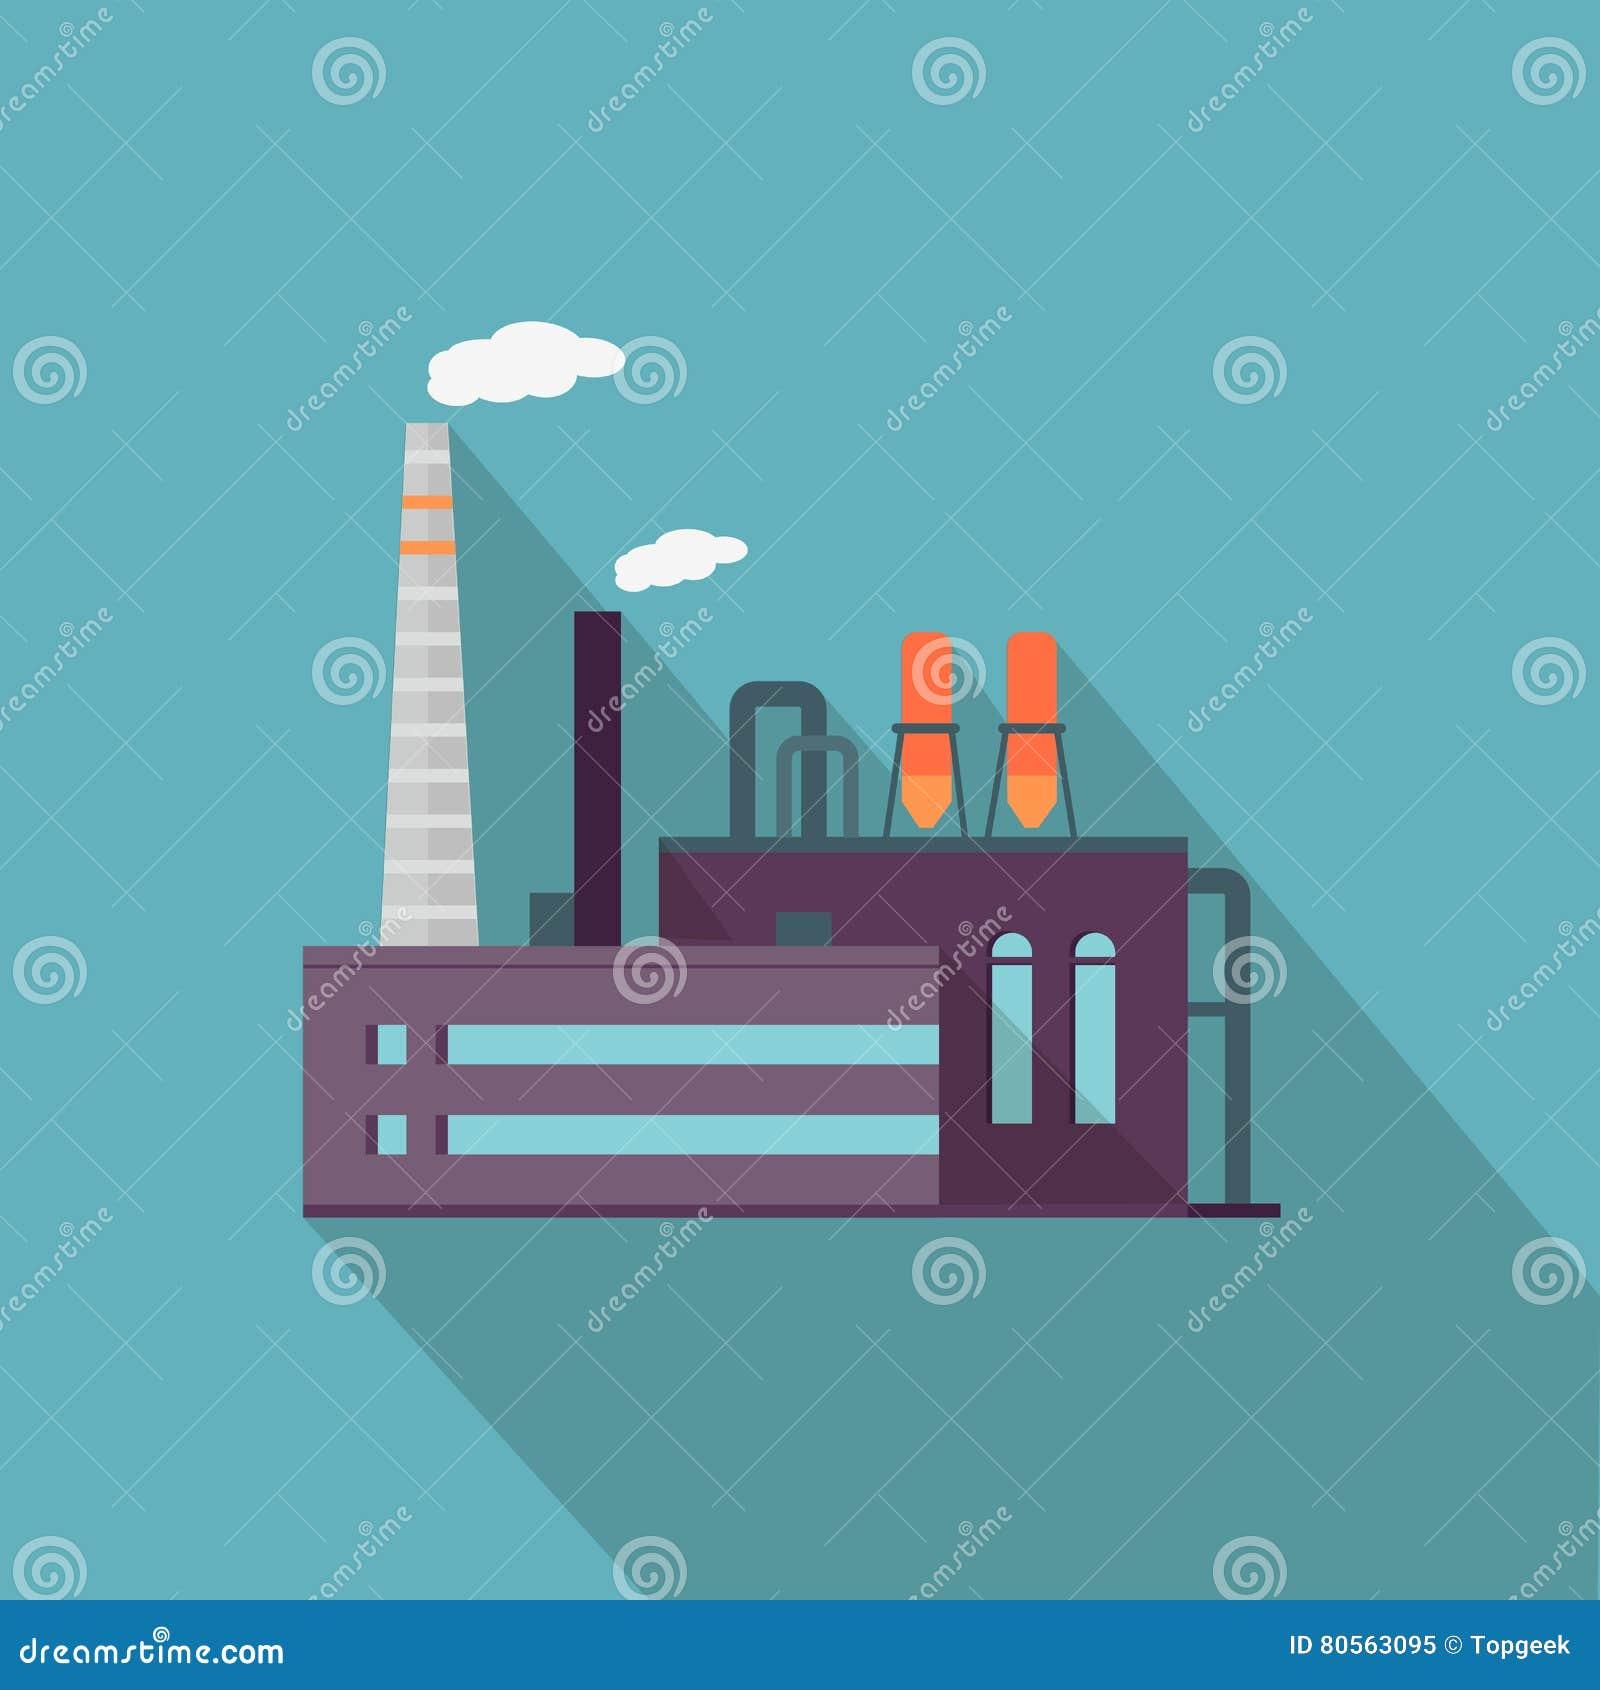 Textile Stock Distributors Mail: Fábrica Con La Sombra Larga En Estilo Plano Fabricante